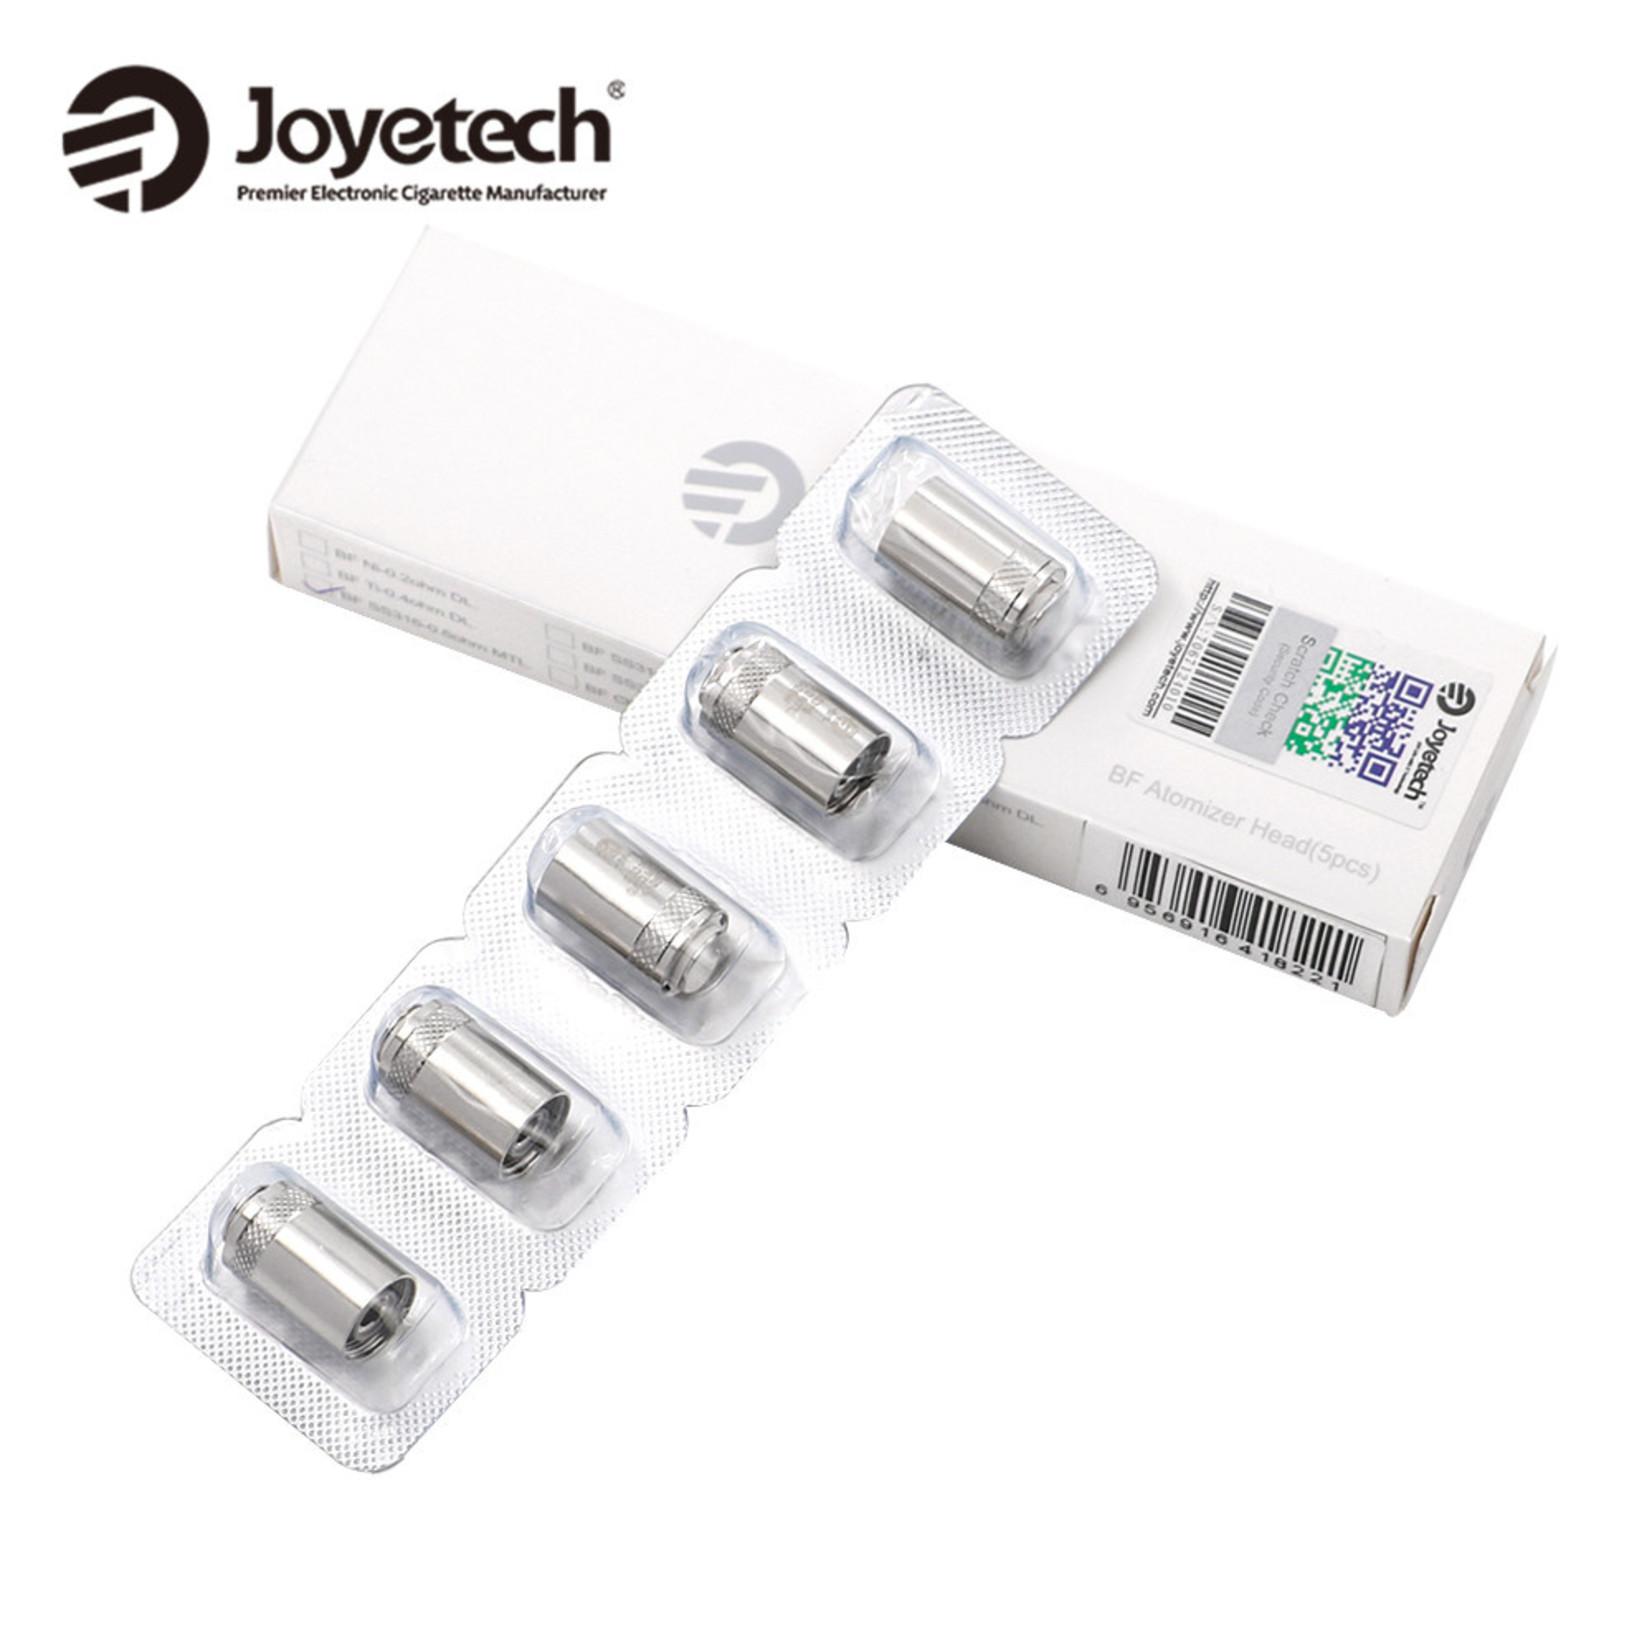 Joyetech BF eGo Aio SS316 0.6 Ohm Coil